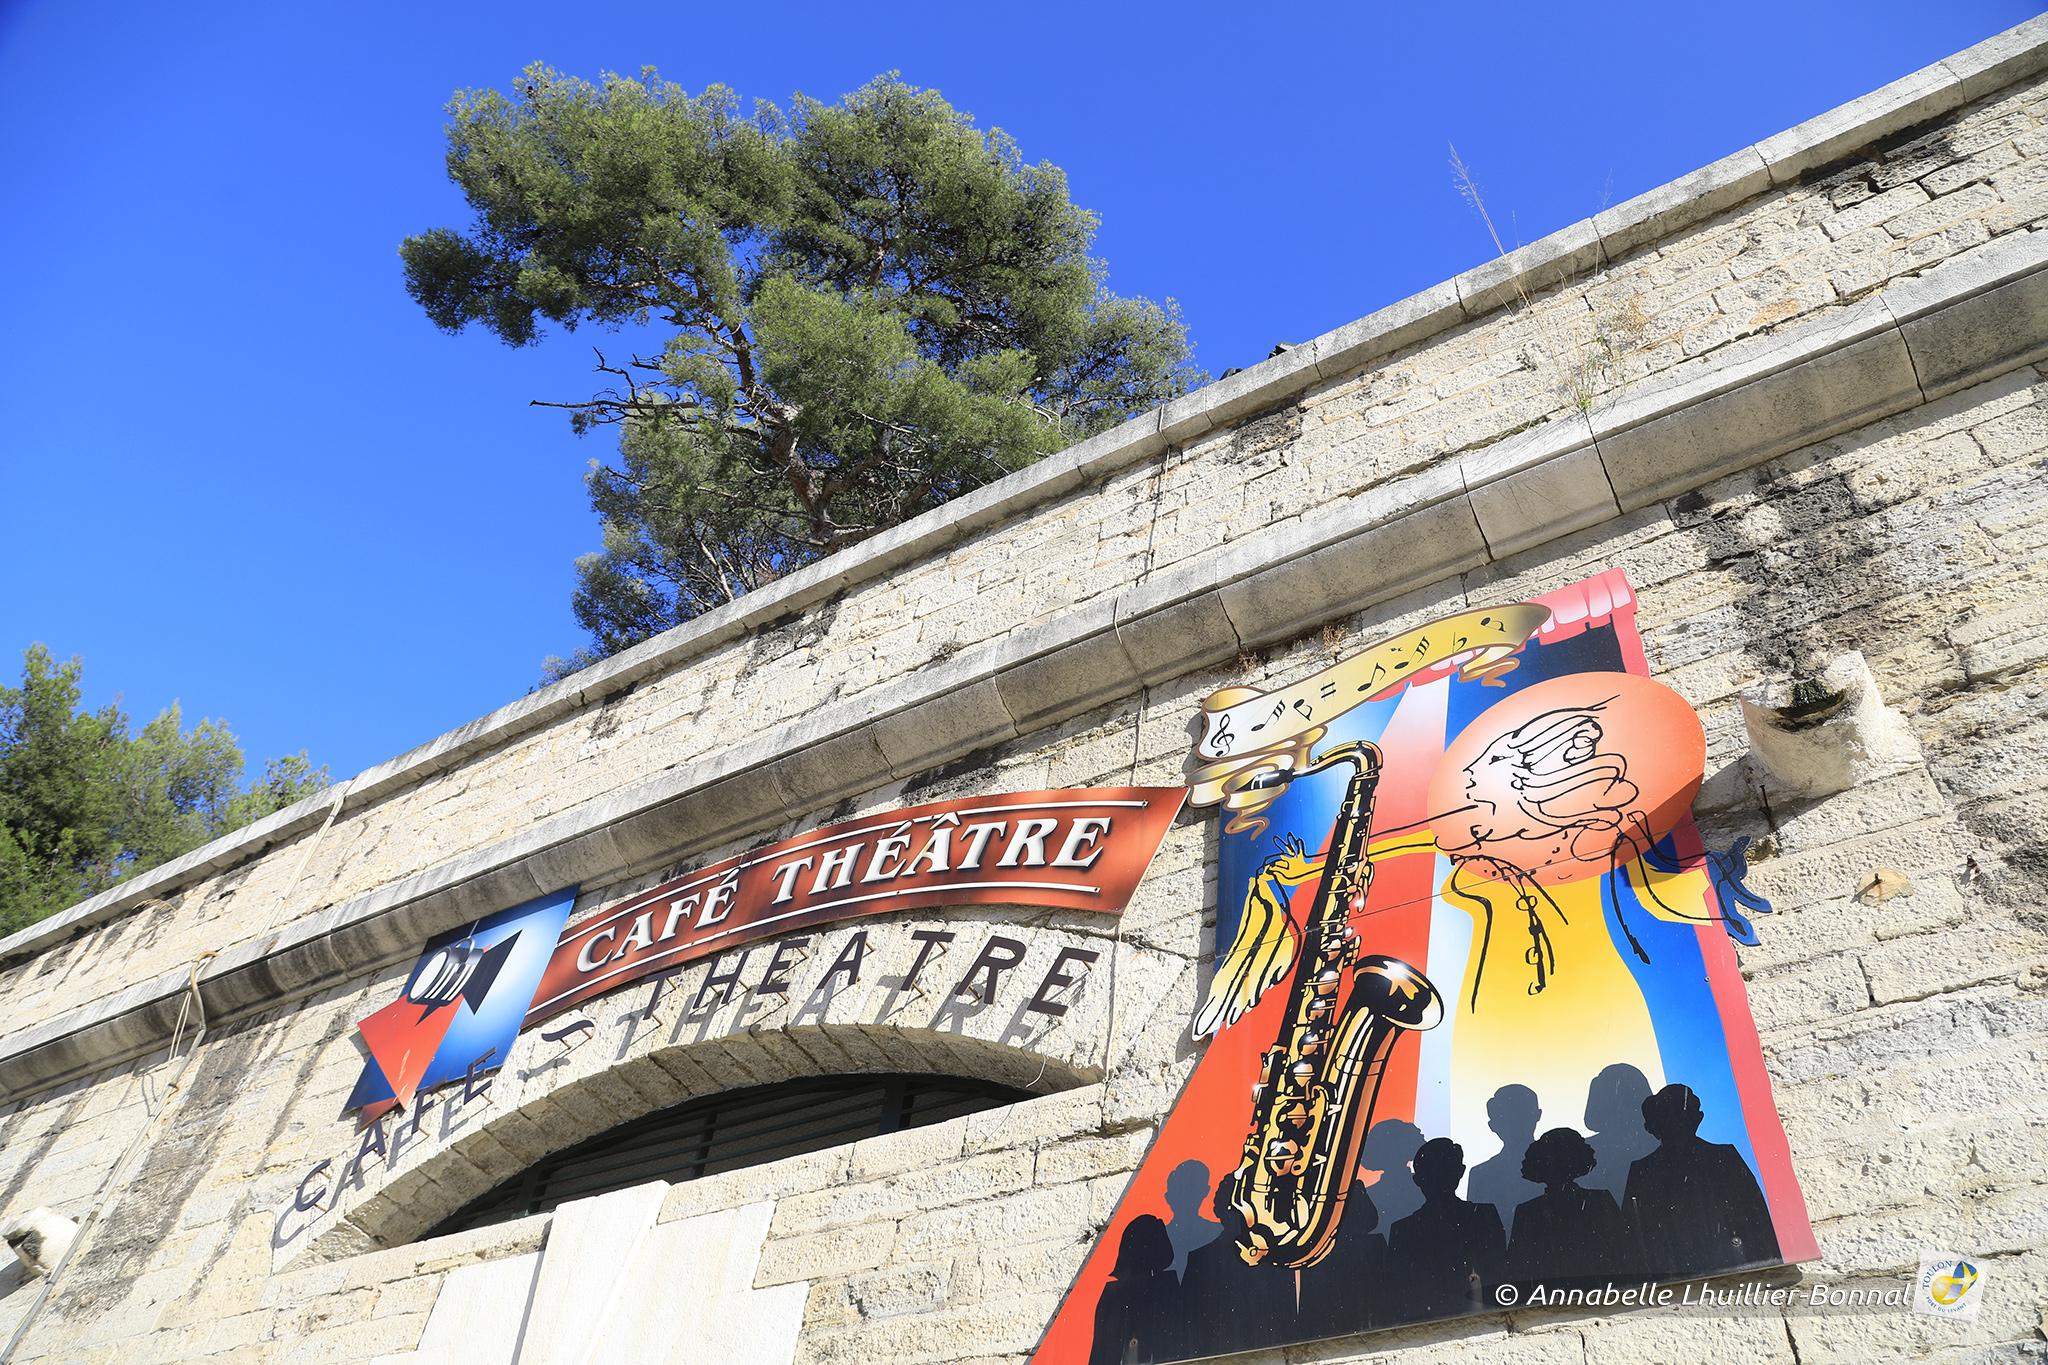 Café Théâtre de la Porte d'Italie